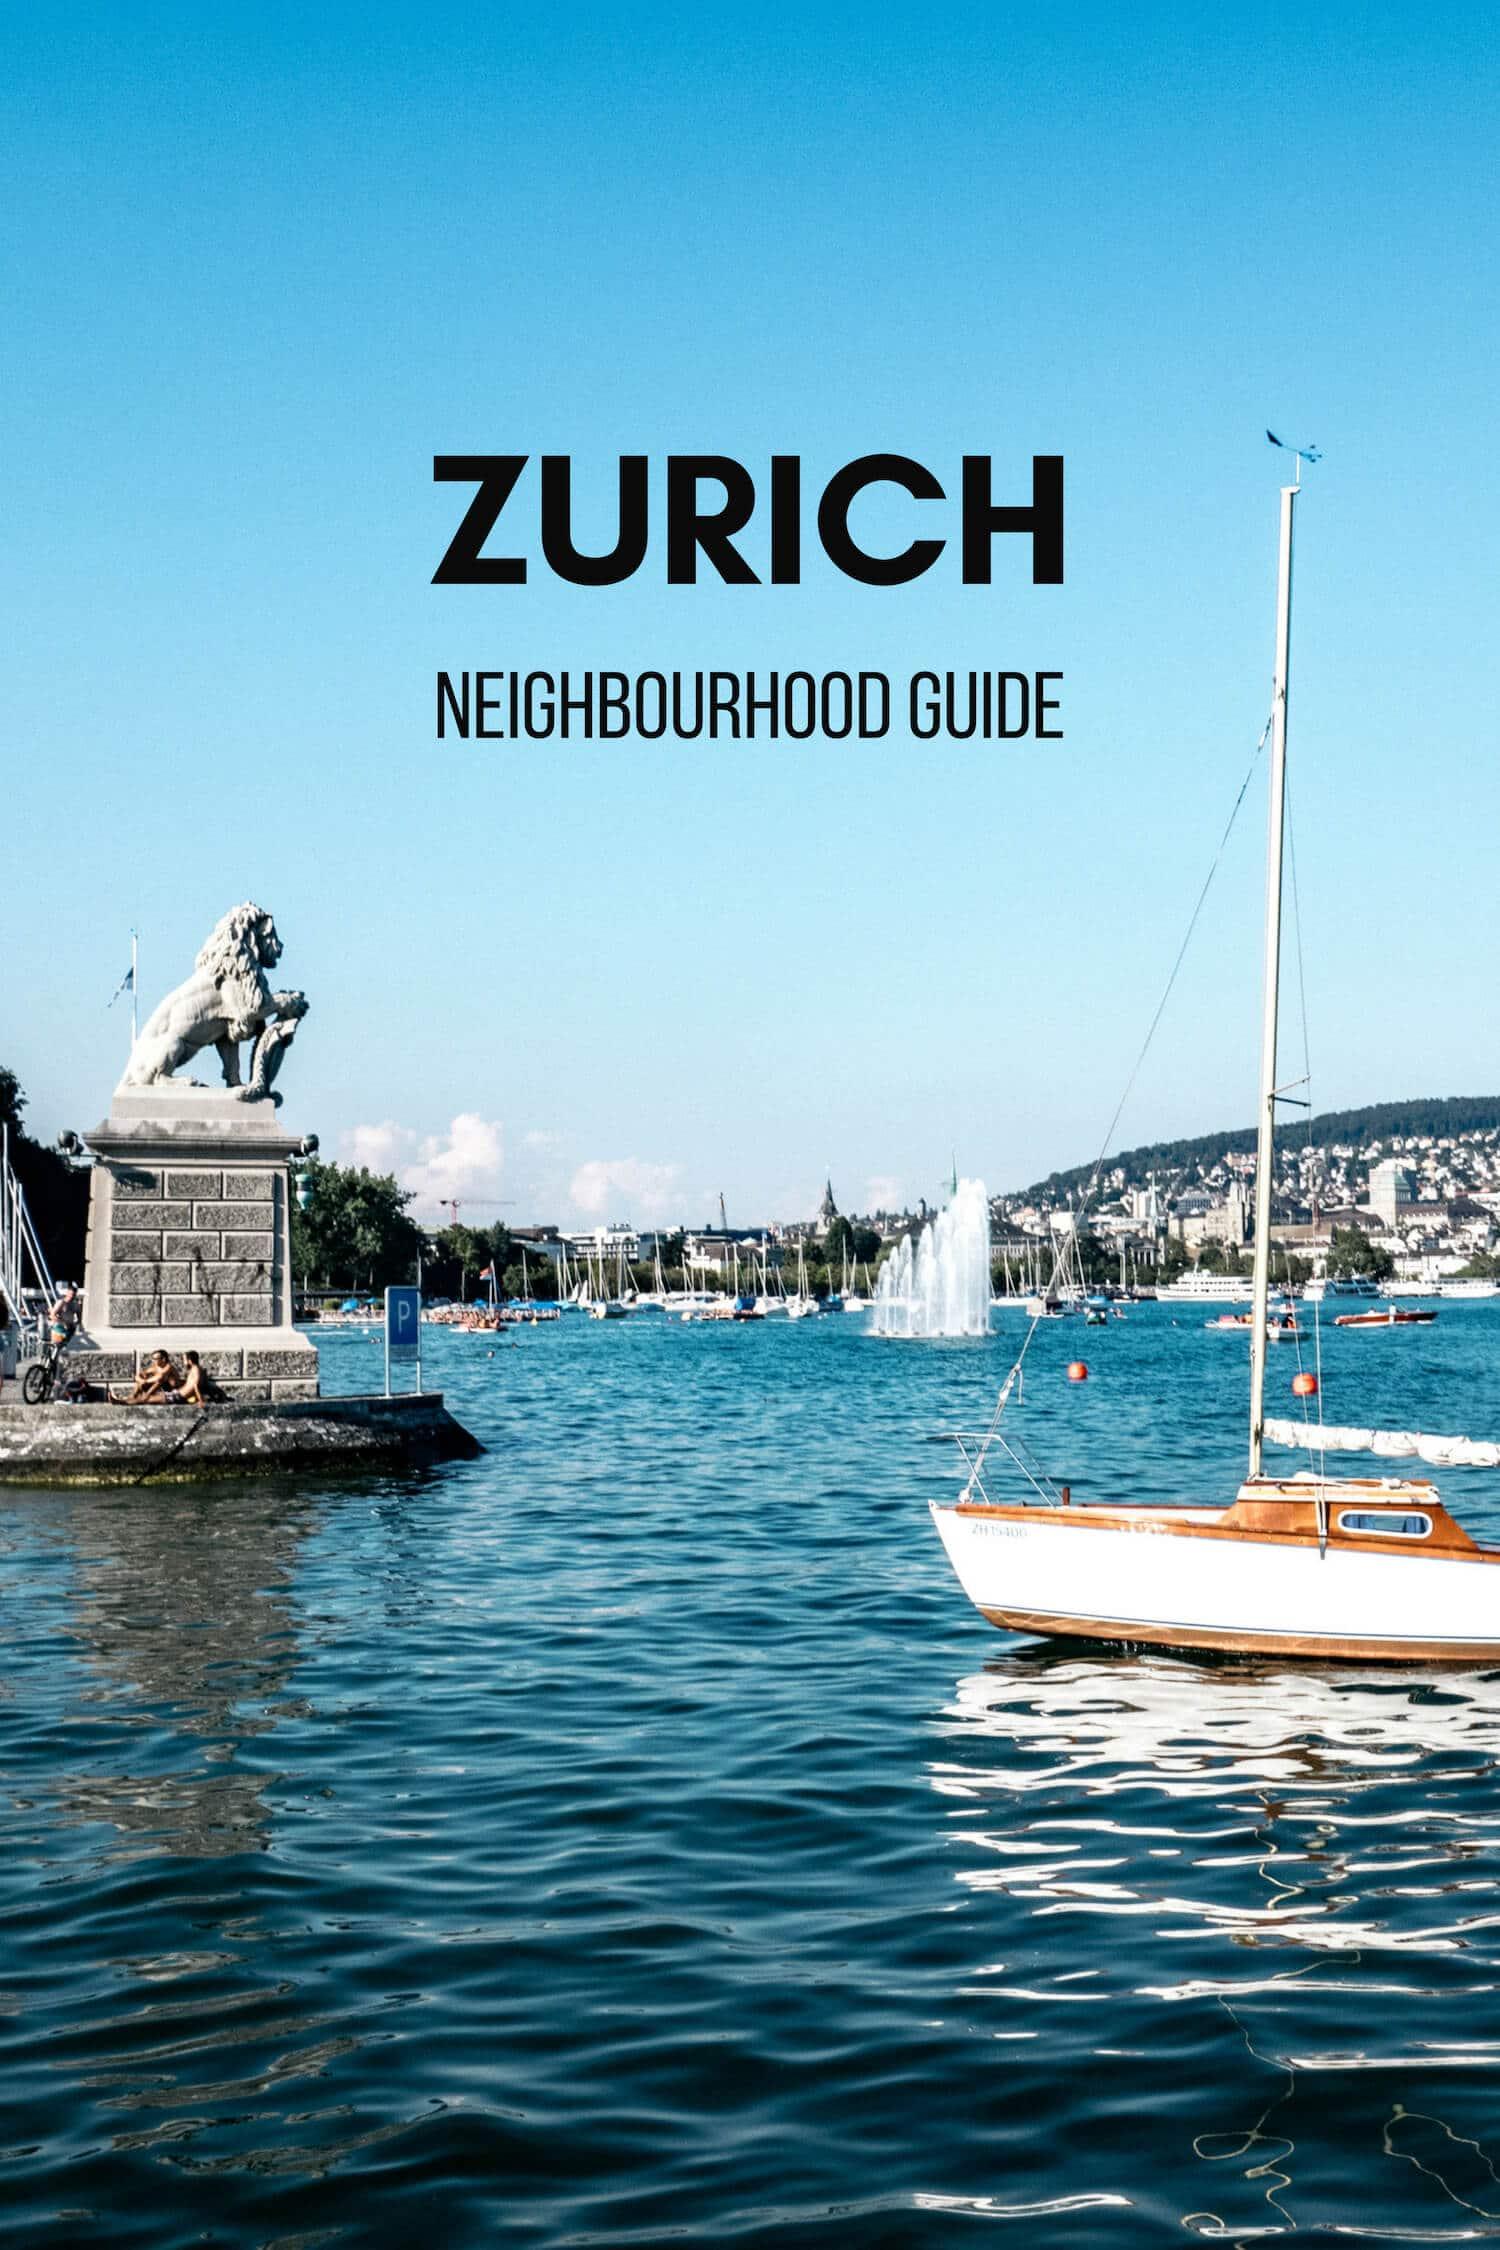 Where to Stay in Zurich Switzerland